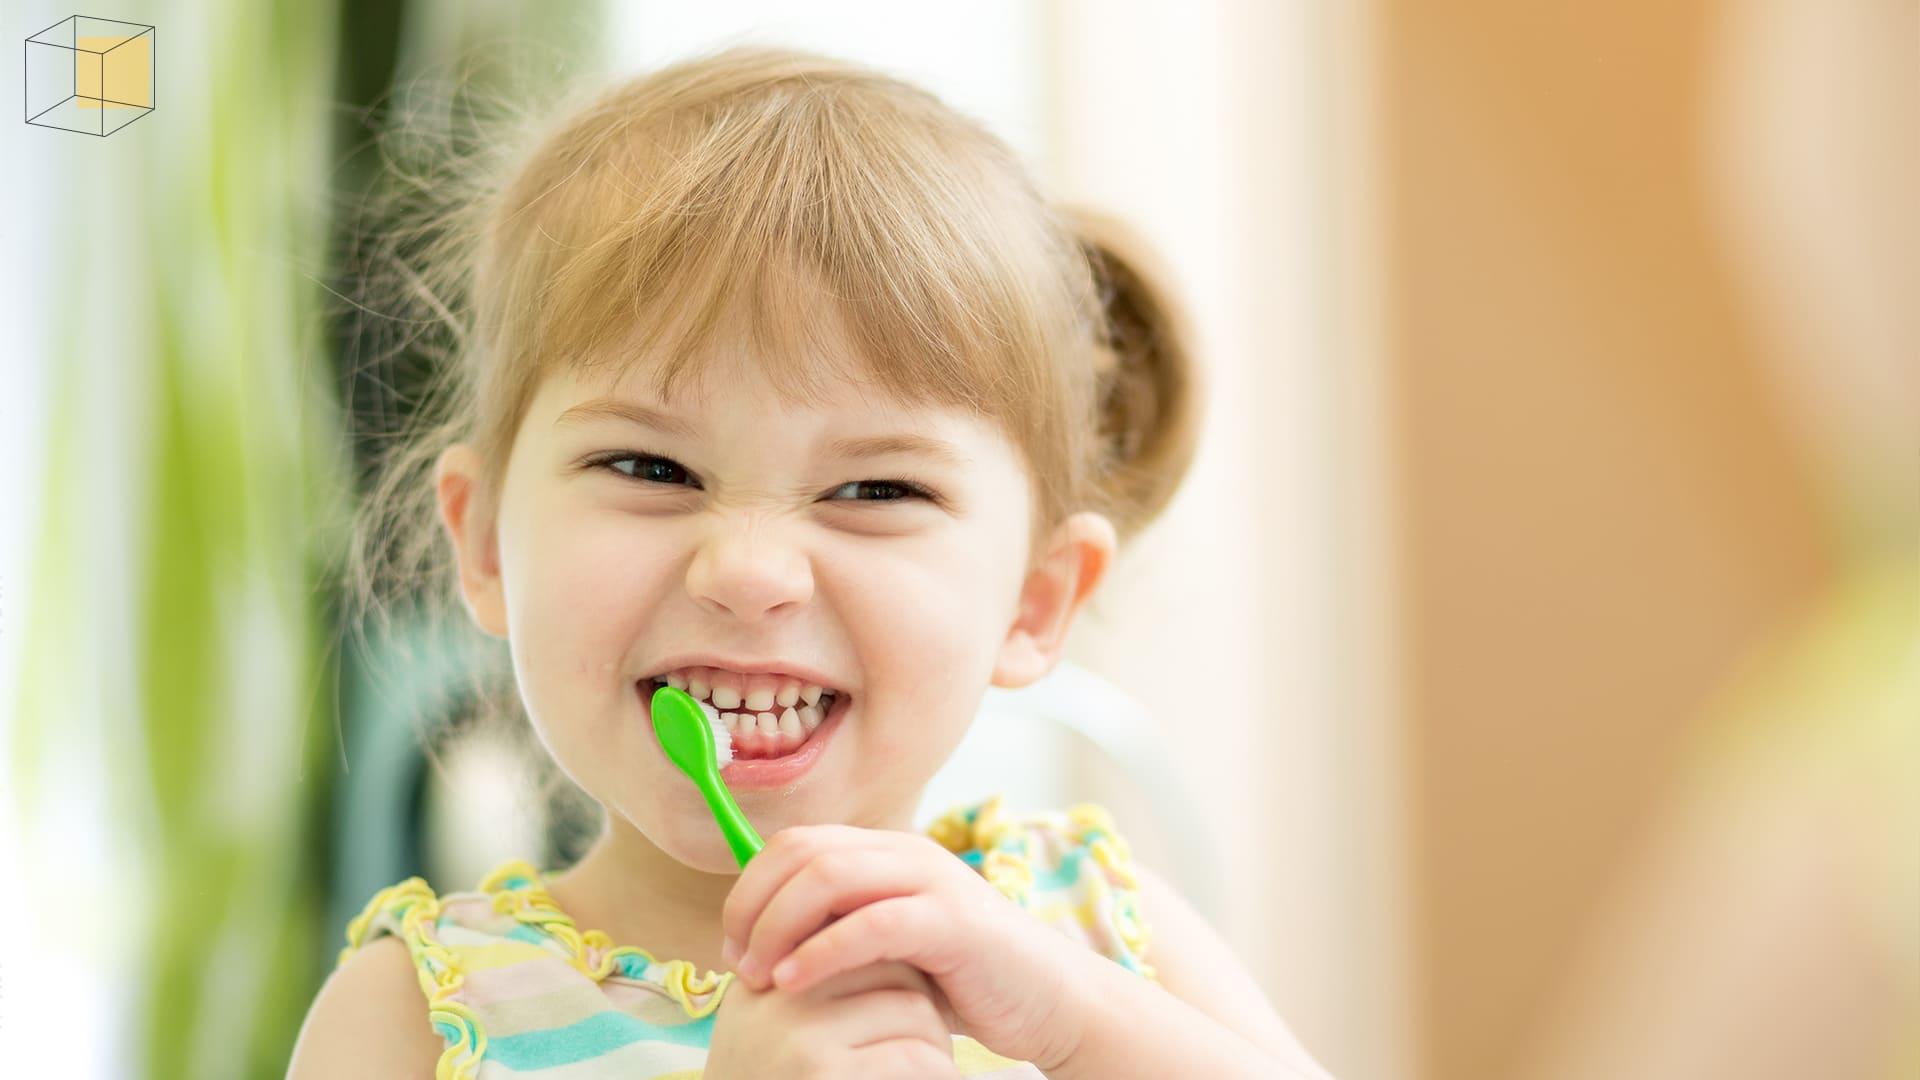 จับลูกแปรงฟัน